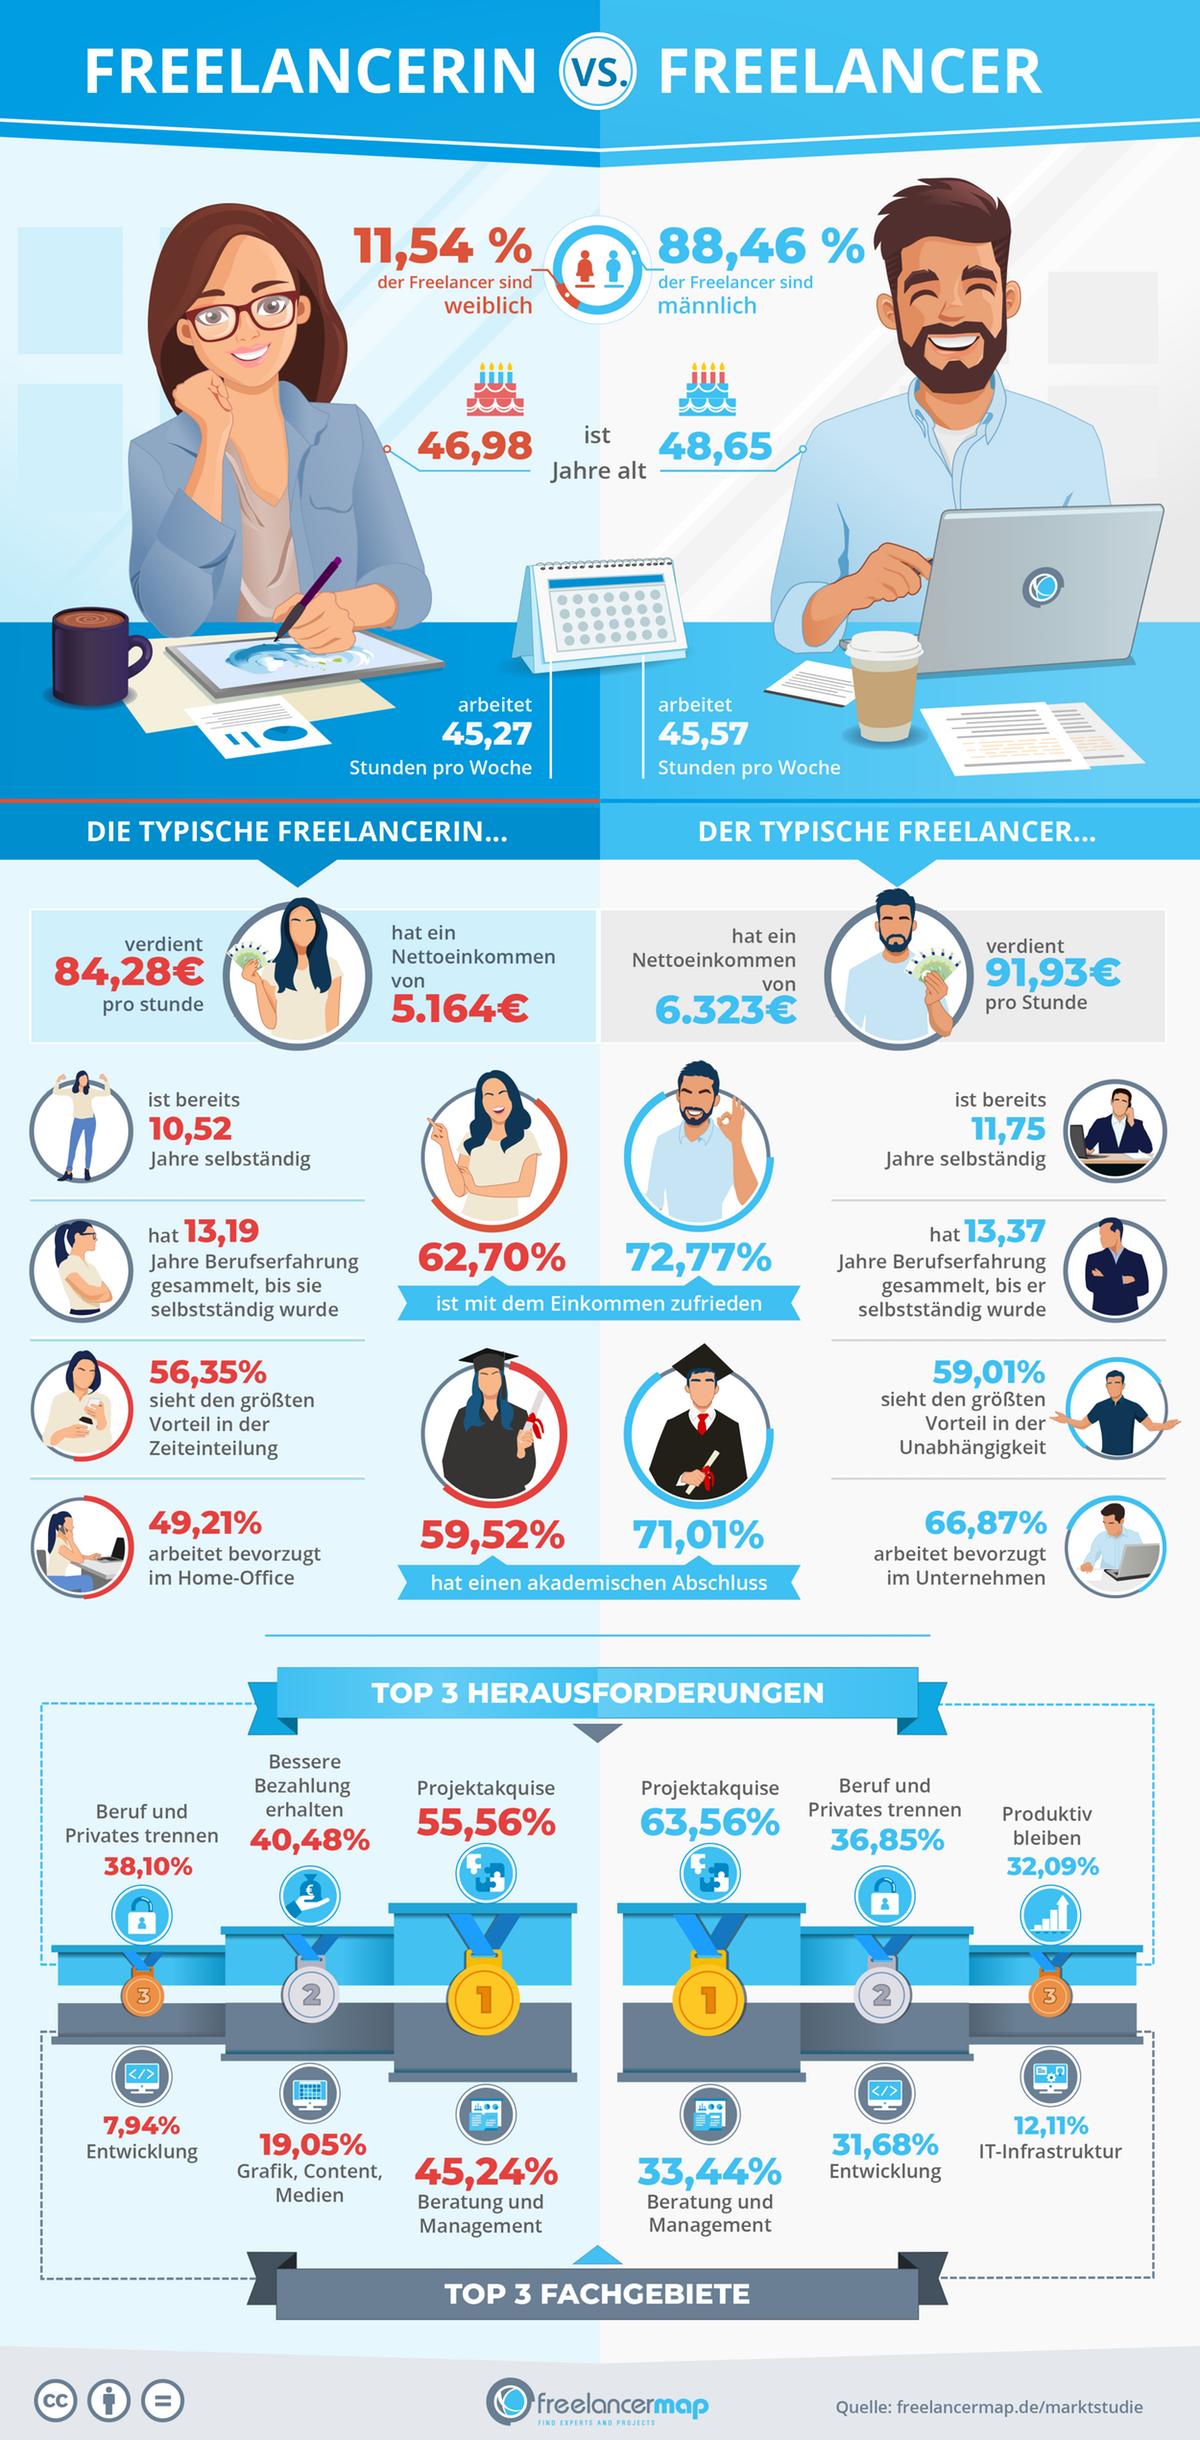 Infografik - Vergleich weibliche und männliche Freelancer